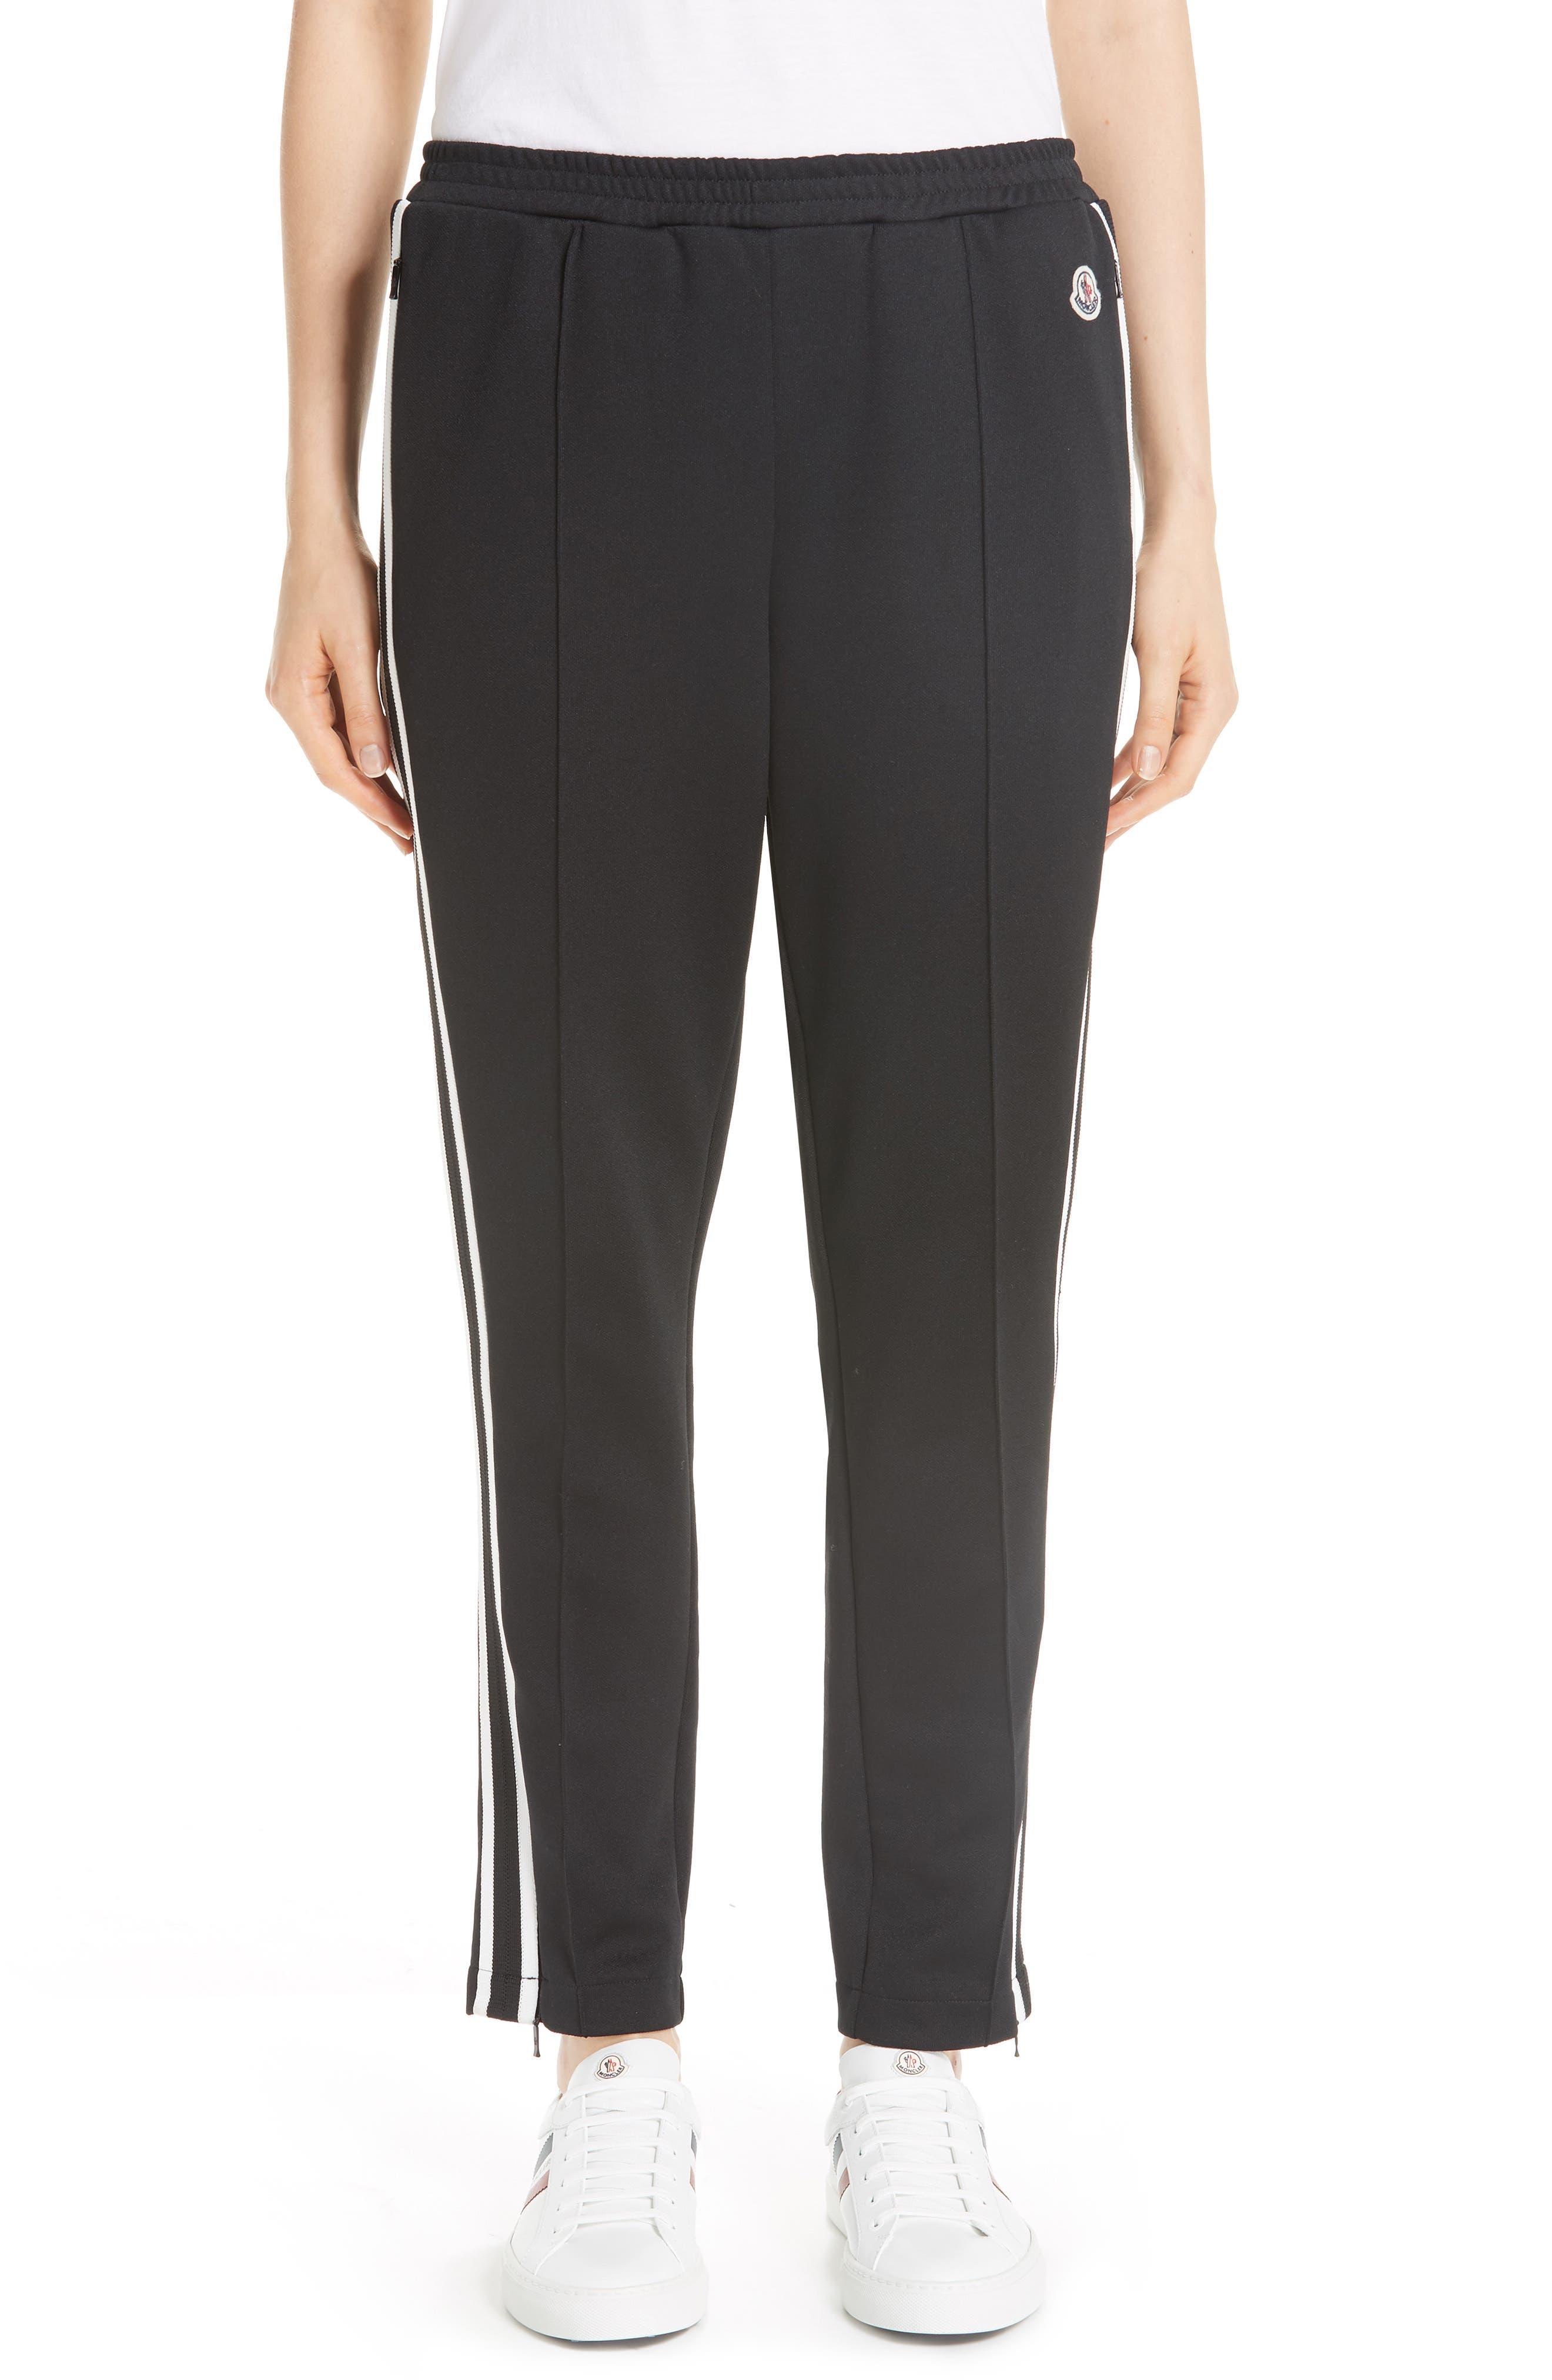 MONCLER Track Pants, Main, color, 001